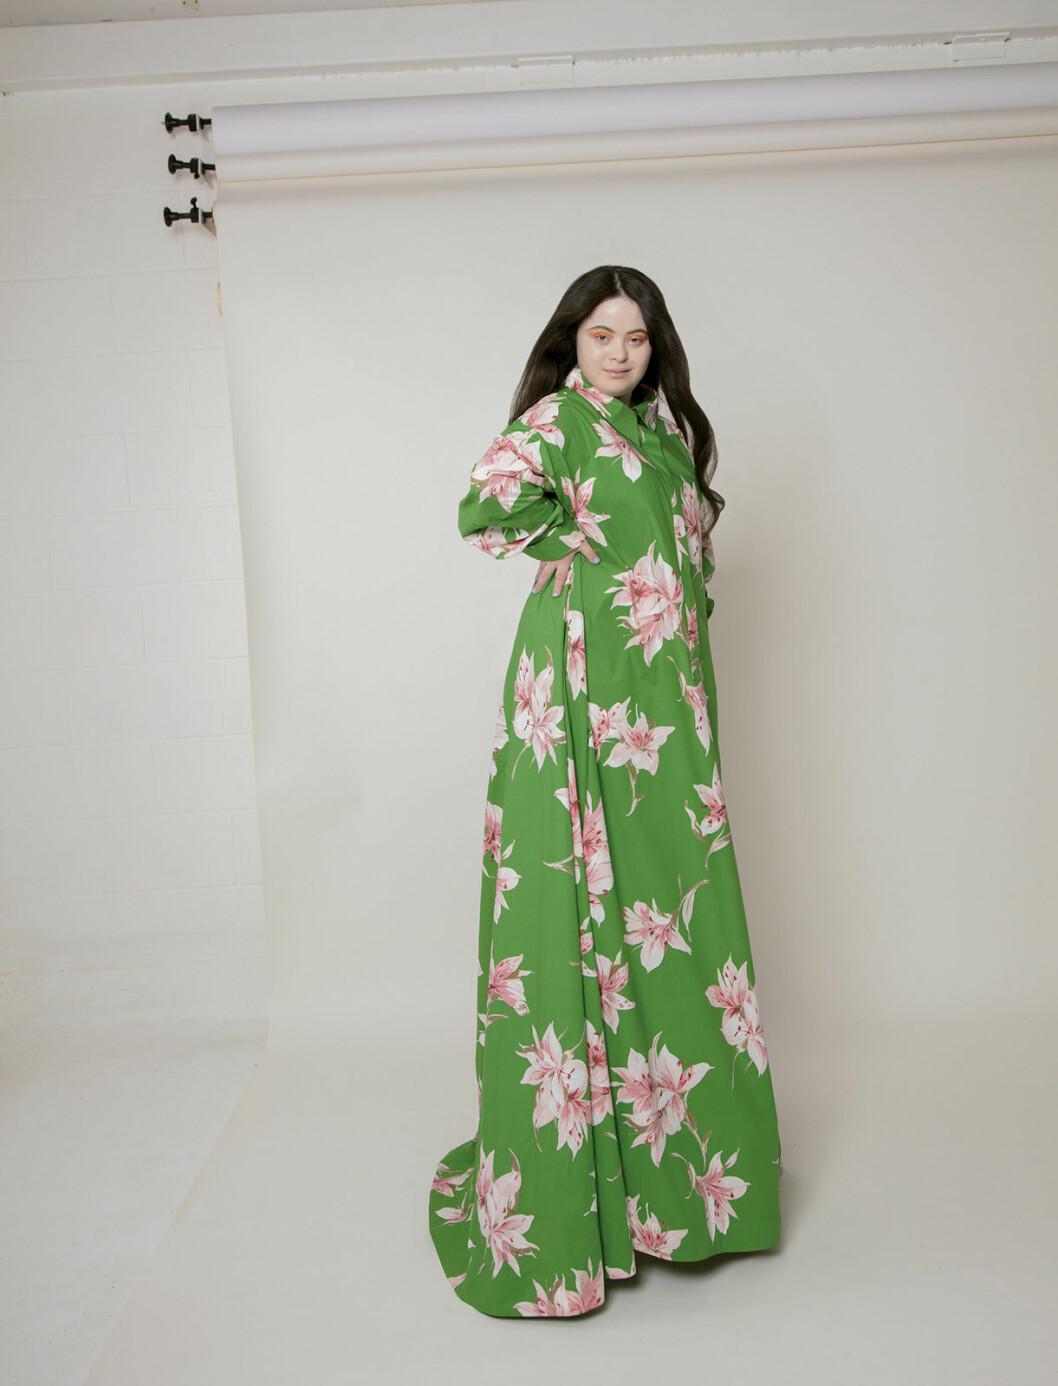 Ellie Goldstein i grön klänning.